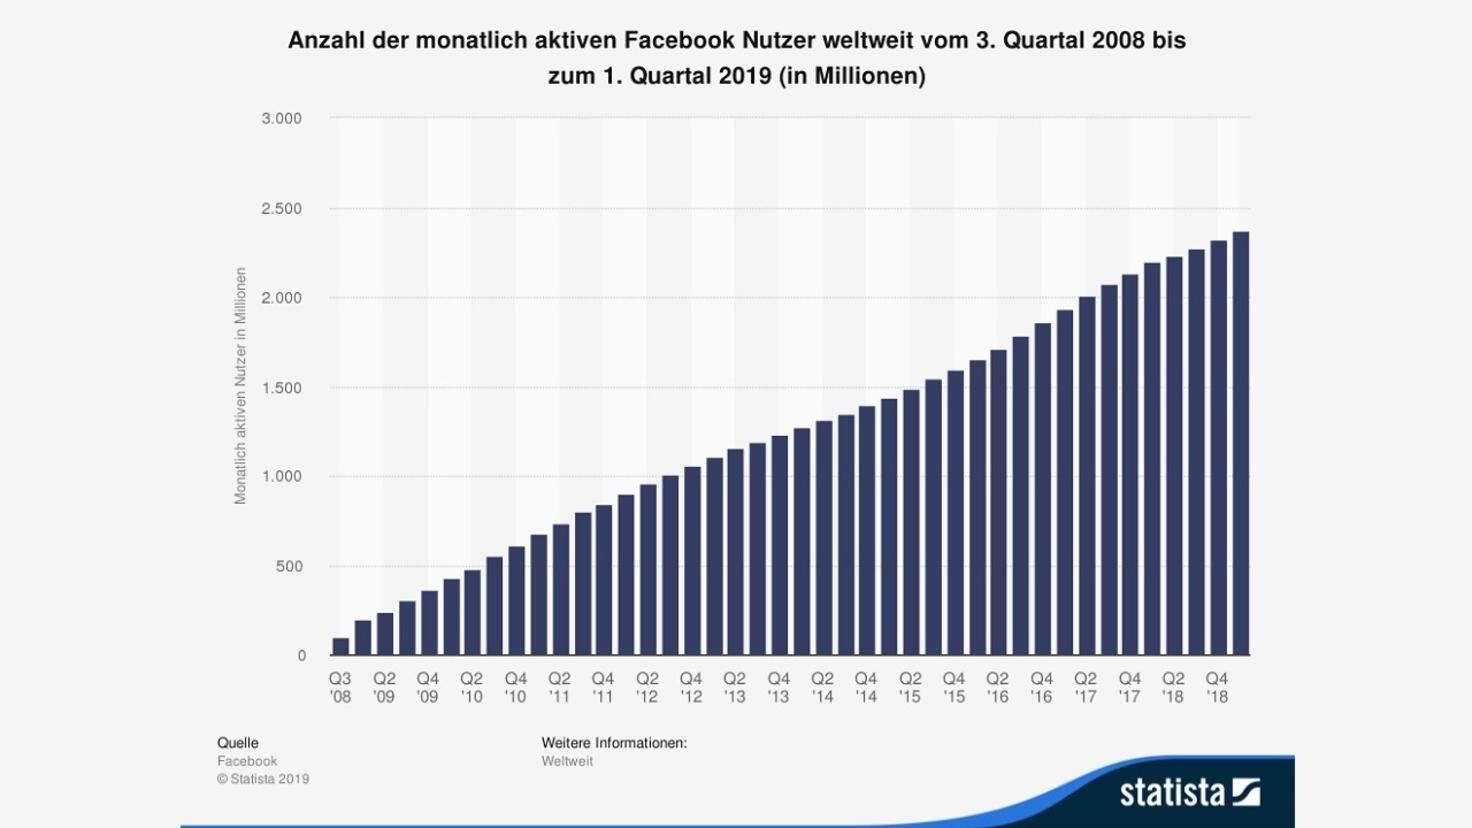 facebook-nutzungsstatistik-statista